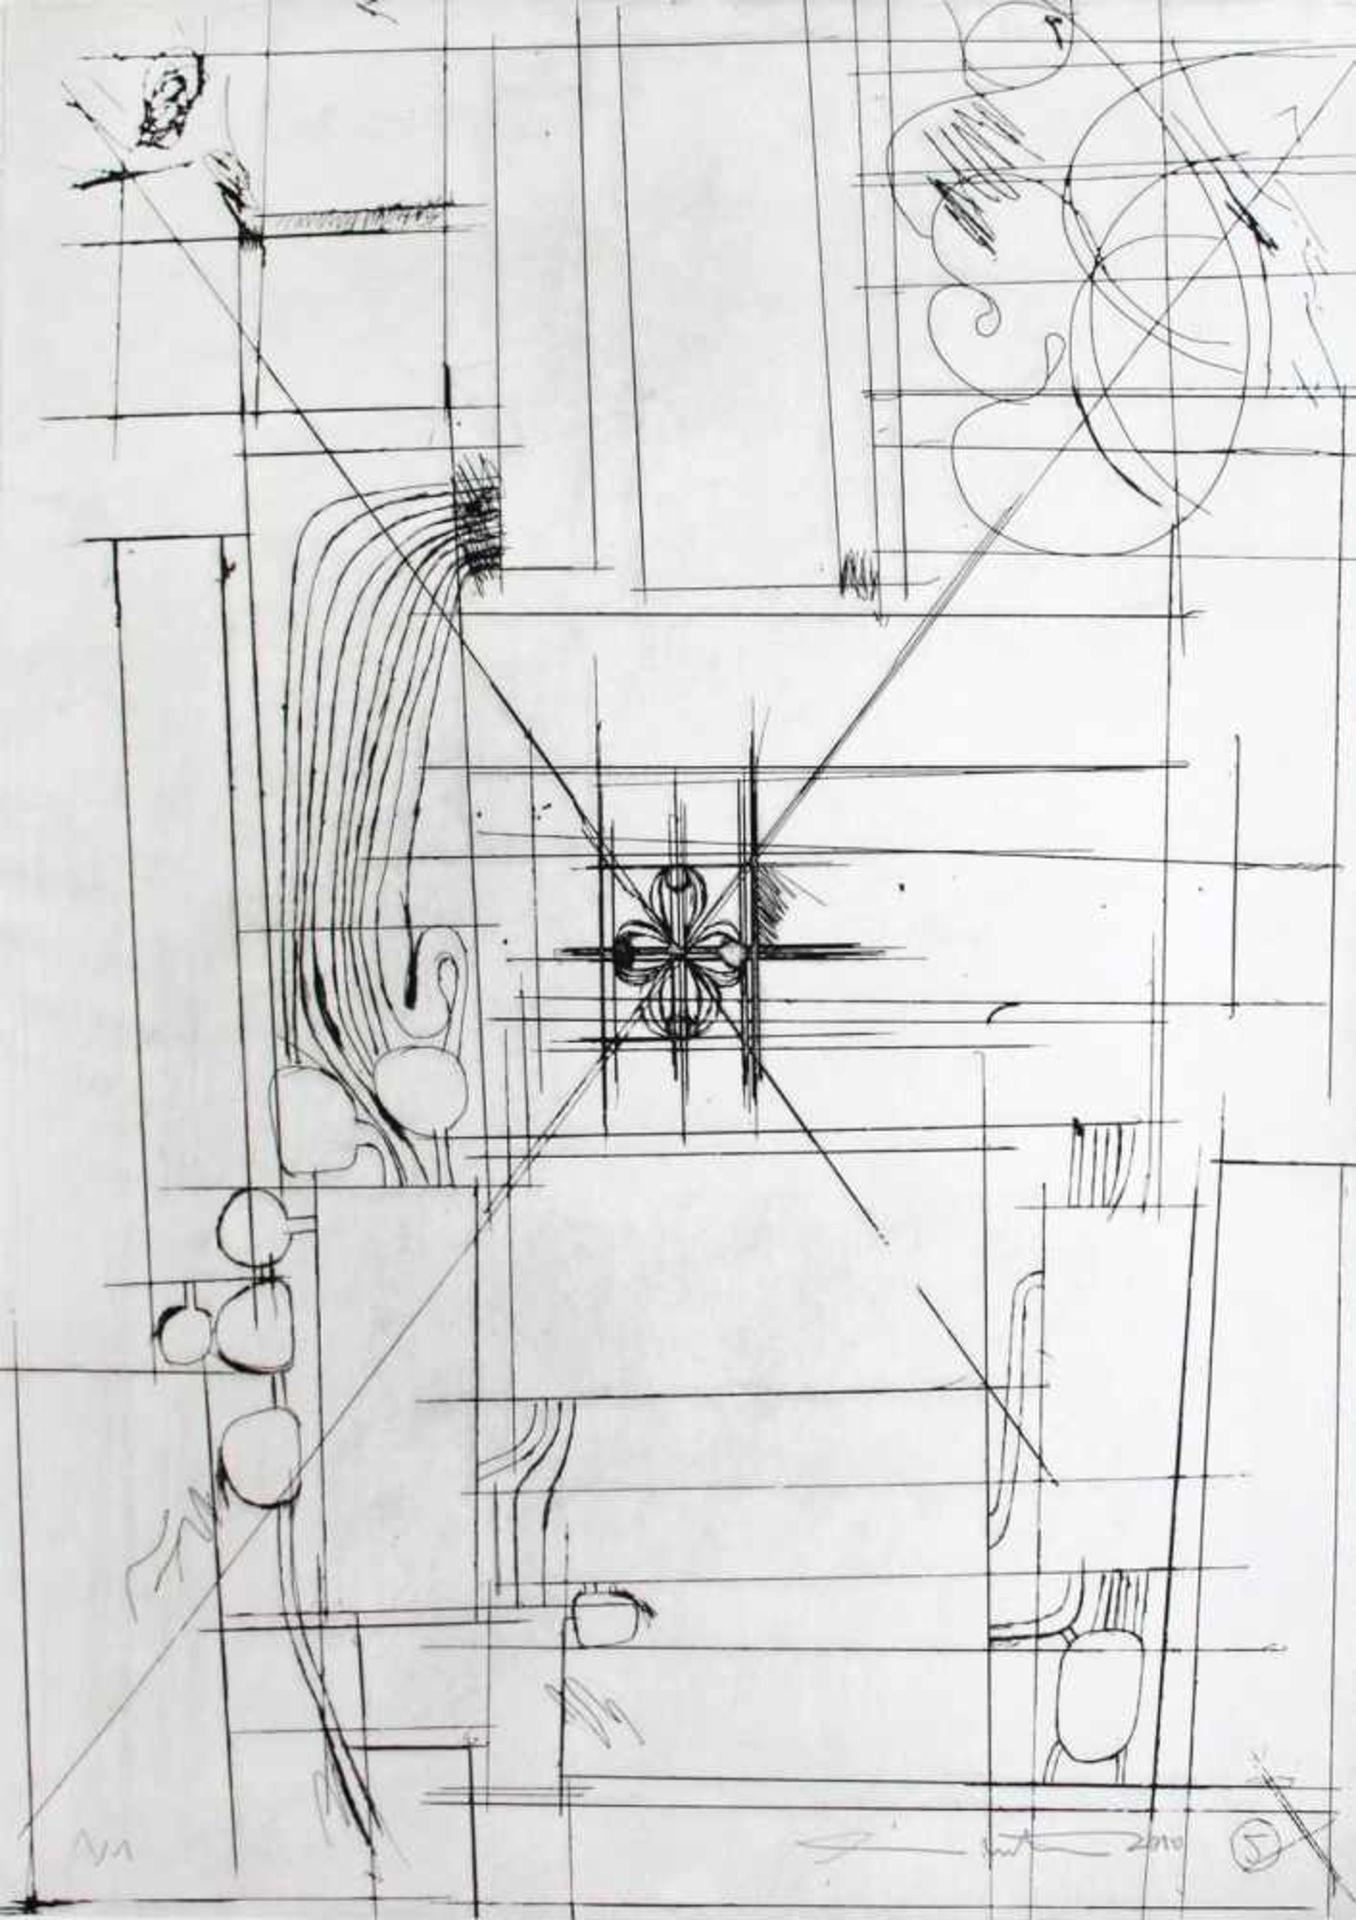 Hermann Nitsch geb. 1938 o.T. 2010 Kaltnadelradierung handsigniert und nummeriert 1/1 68 x 48 cm